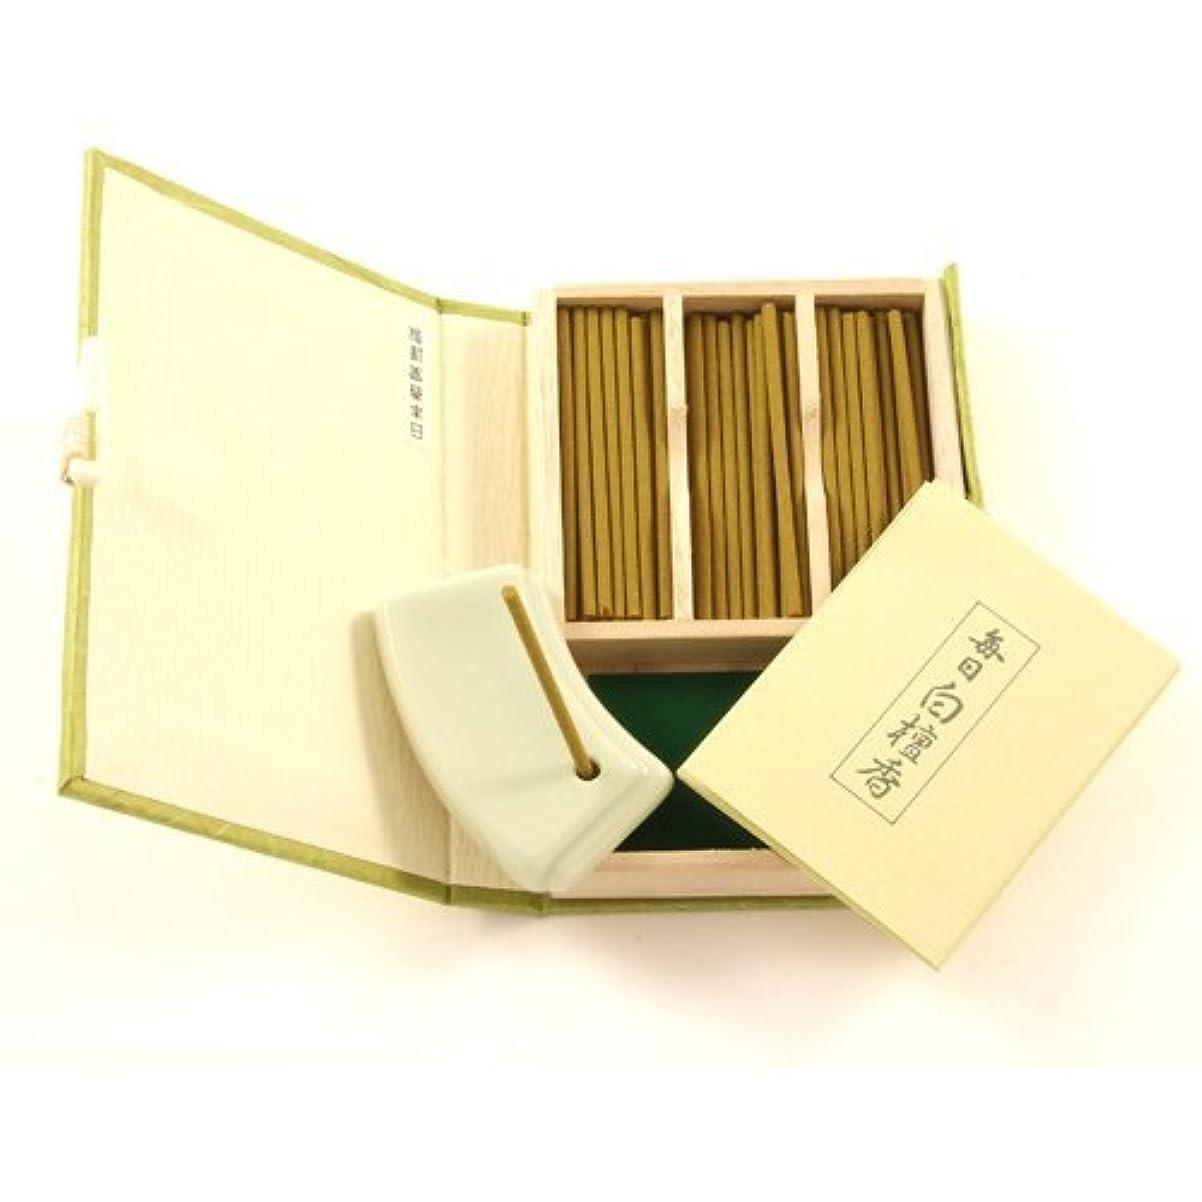 約記念品さておきJapanese Sandalwood Incense Gift Set Mainichi Byakudan by Nippon [並行輸入品]